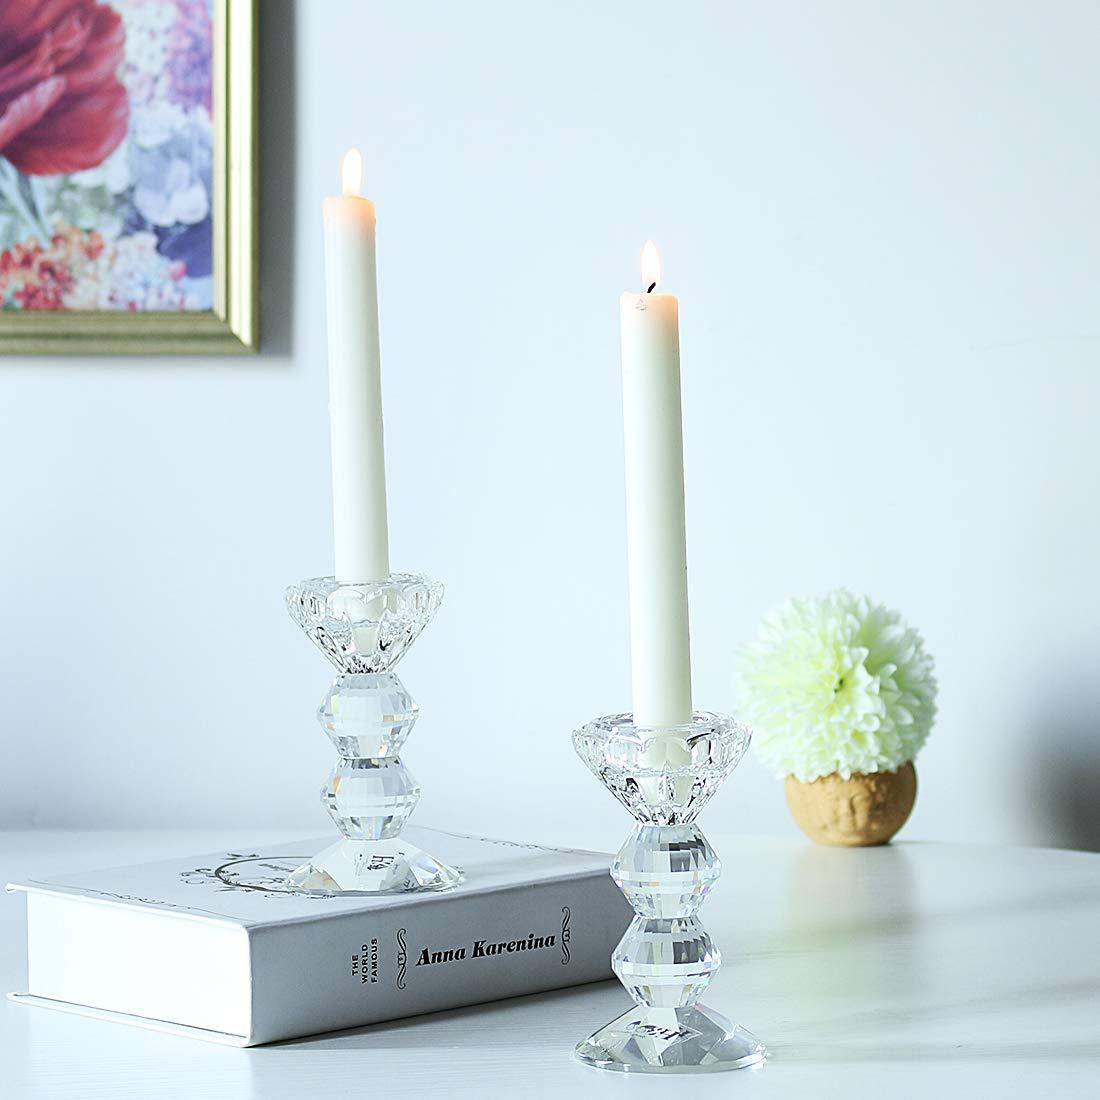 ideale per festa di nozze casa cena centrotavola Sconosciuto H /& D artigianale candela cilindrica di cristallo trasparente e portacandele pezzi